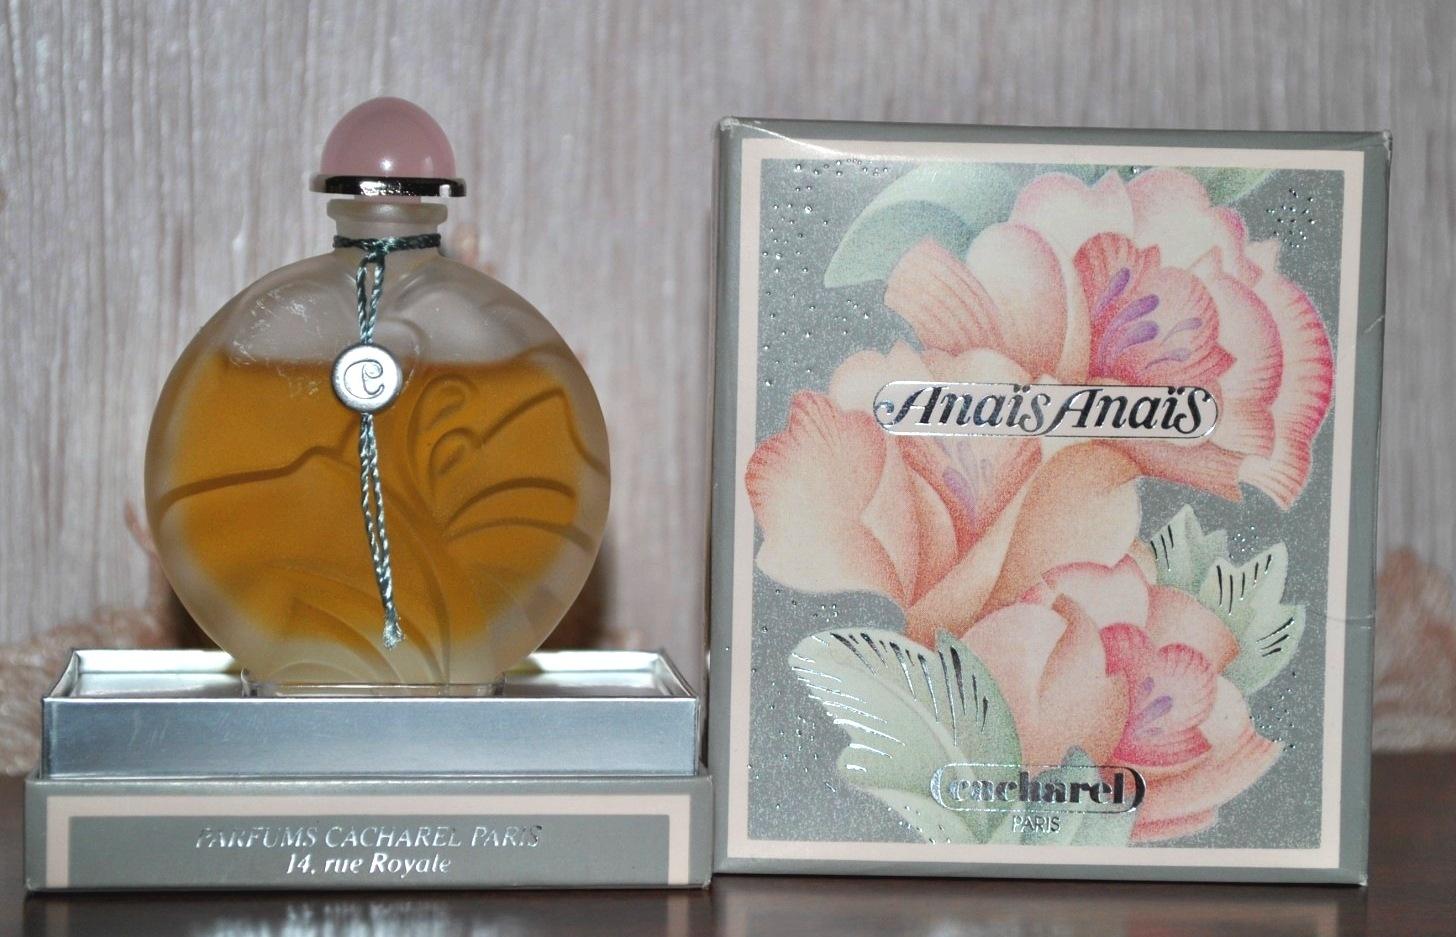 Anais Anais Parfum Concentree Cacharel Para Damas